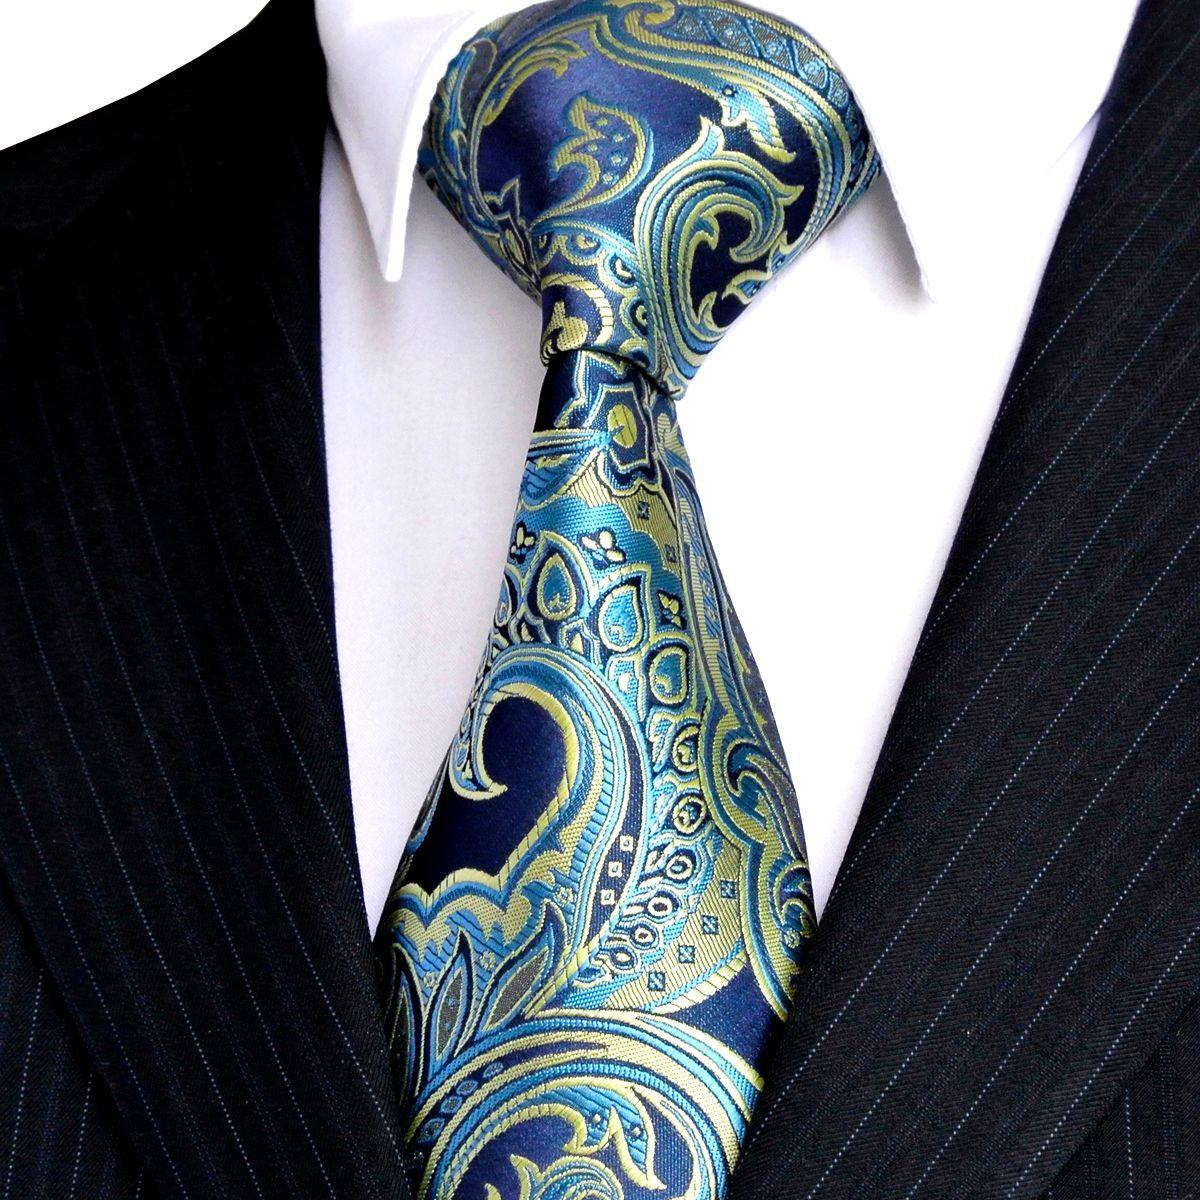 E07 الرجال رابطات عنق الزهور الأزرق الداكن أزور العلاقات الأصفر 100٪ إكسسوارات الحرير الجاكار المنسوجة بالجملة المتأنق العلامة التجارية الجديدة شحن مجاني